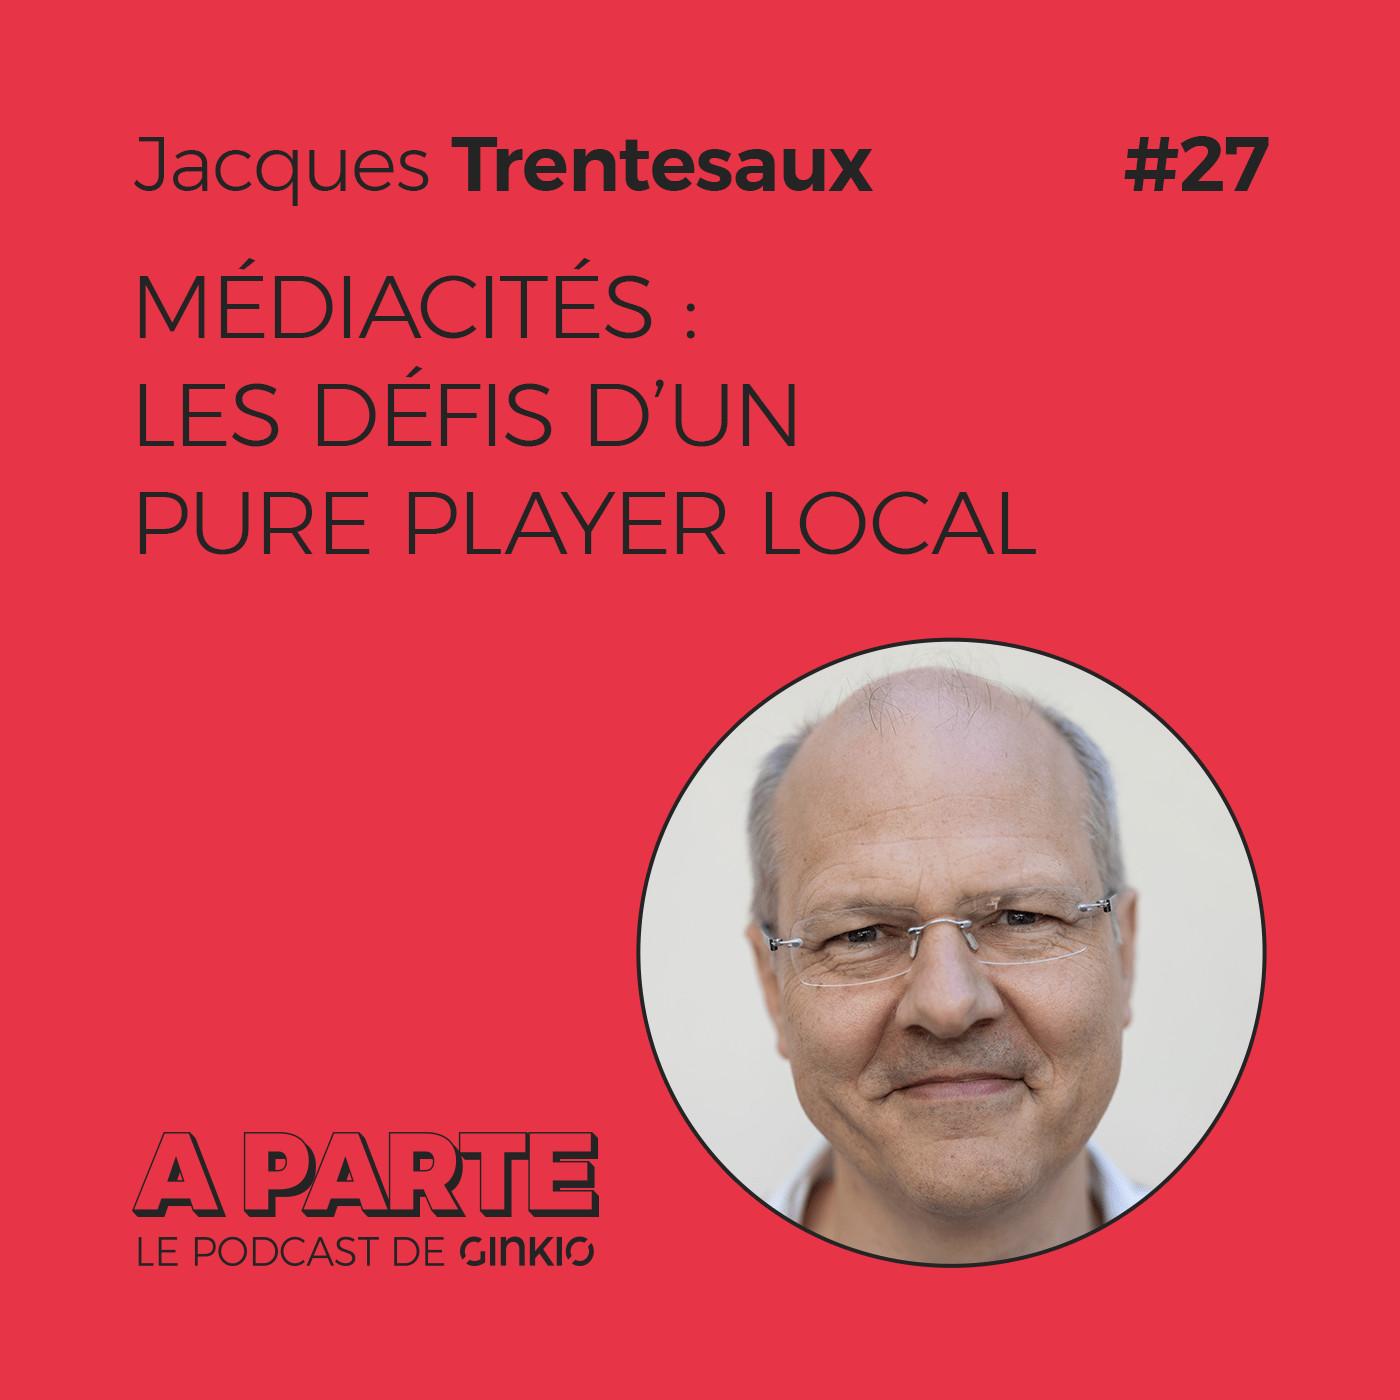 Médiacités : les défis d'un pure player local, avec Jacques Trentesaux